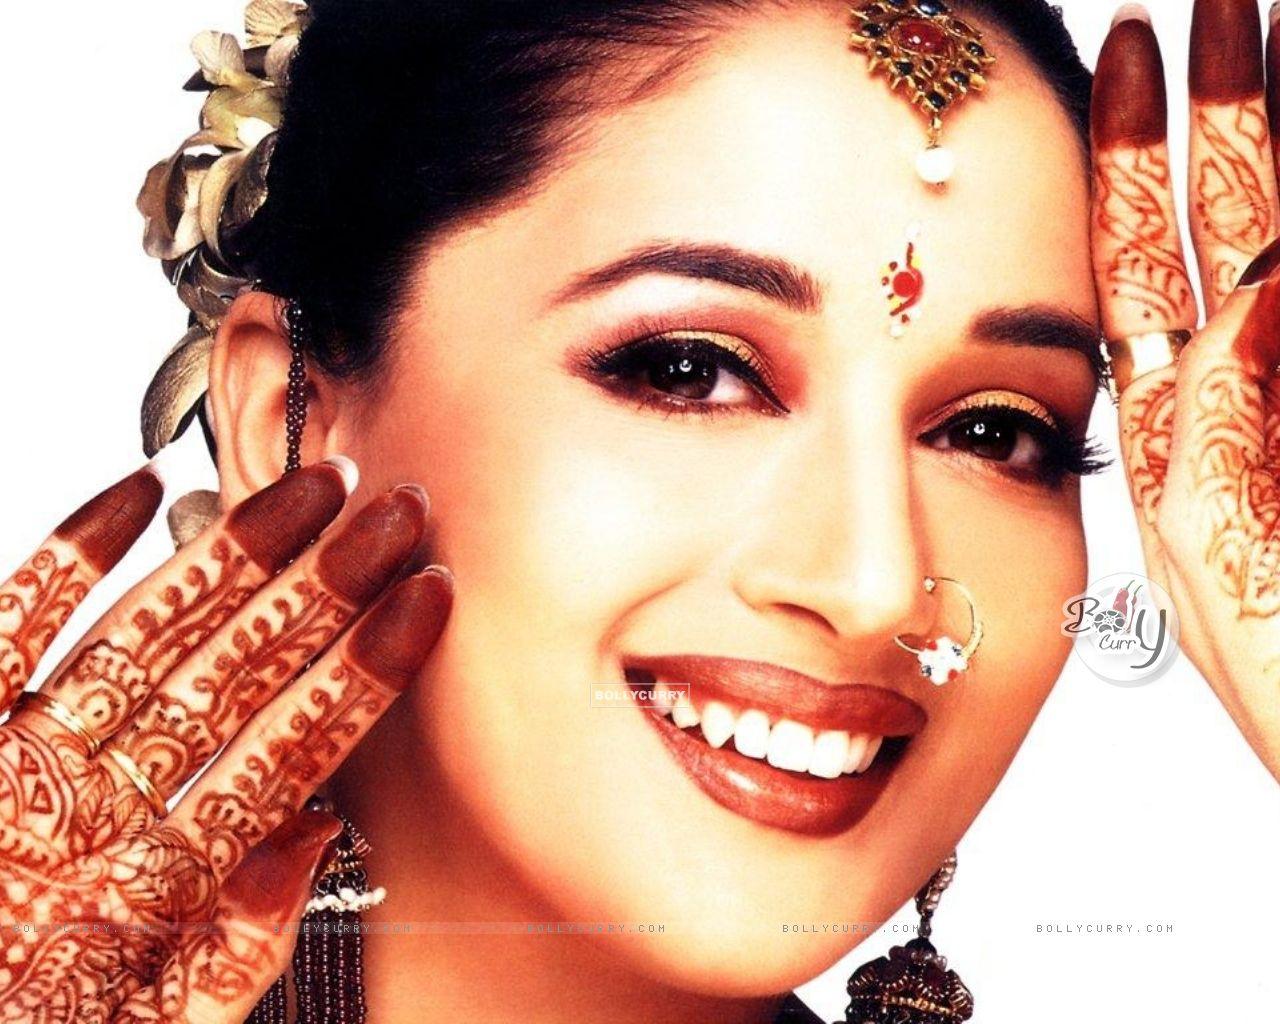 Hindi Old Video Songs (1920x1080) 1080p Download, Bollywood Hindi ...